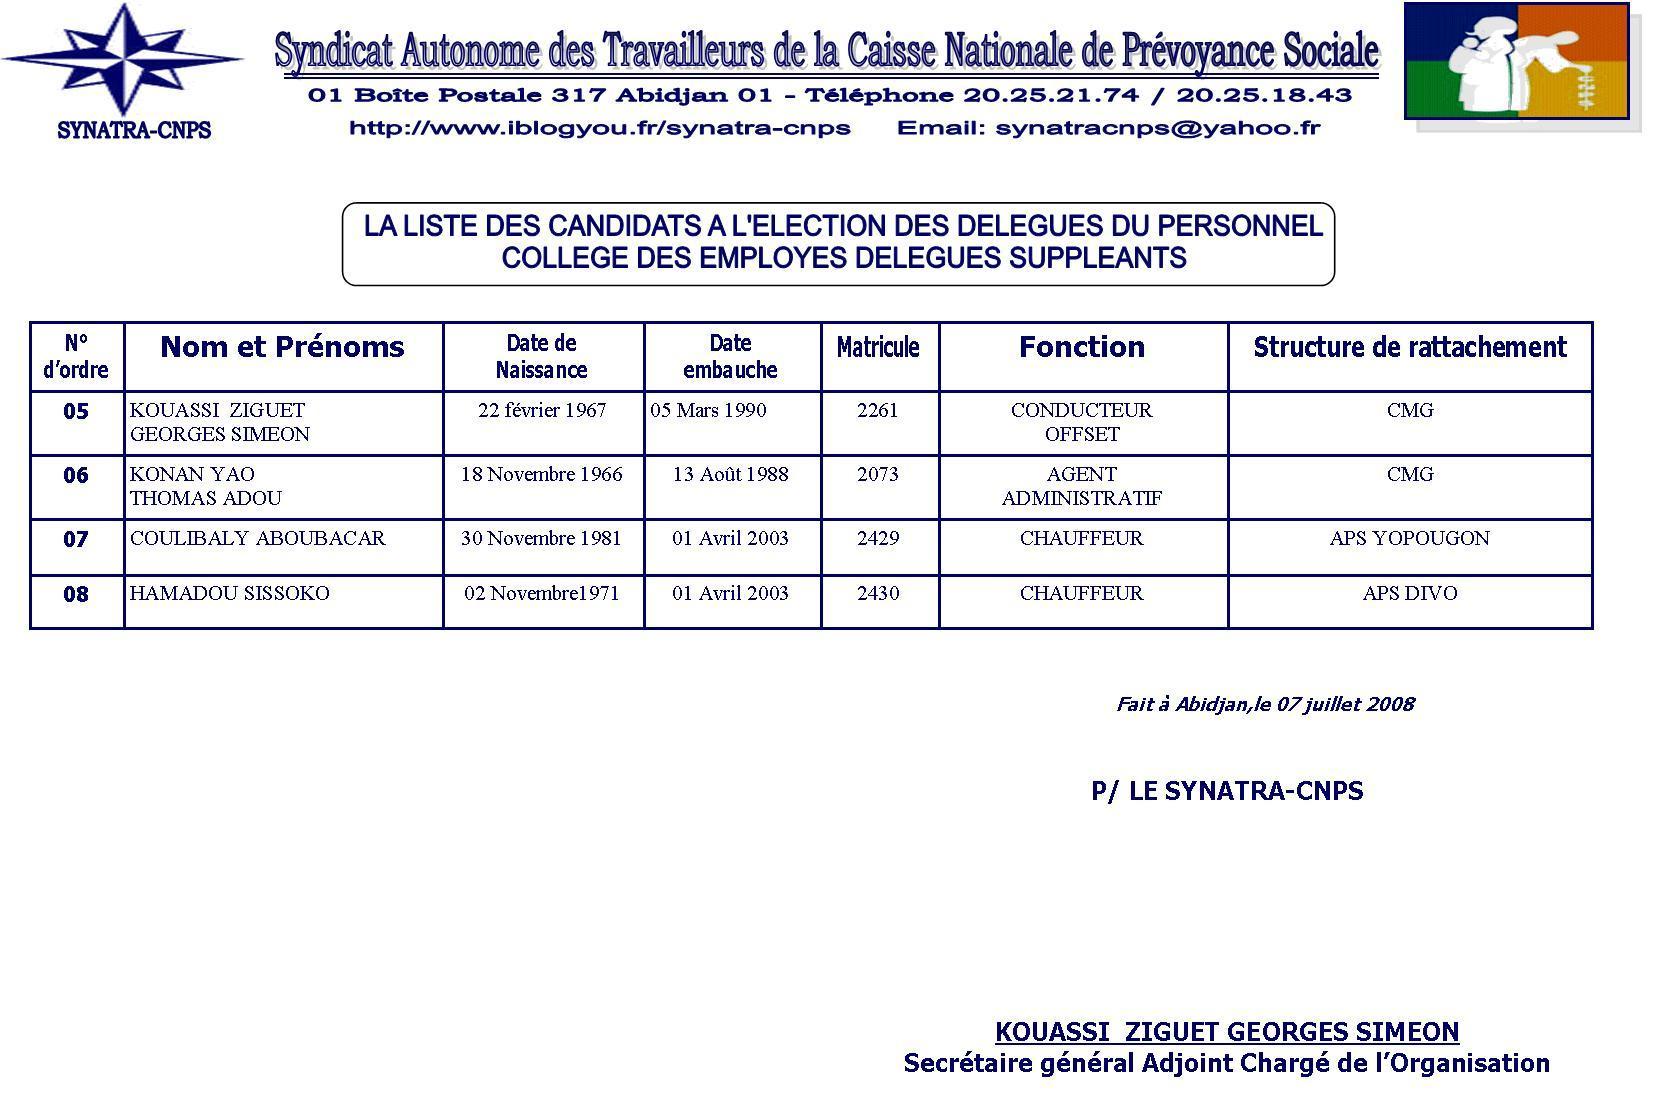 4 candidats election des delegues du personnel synatra cnps